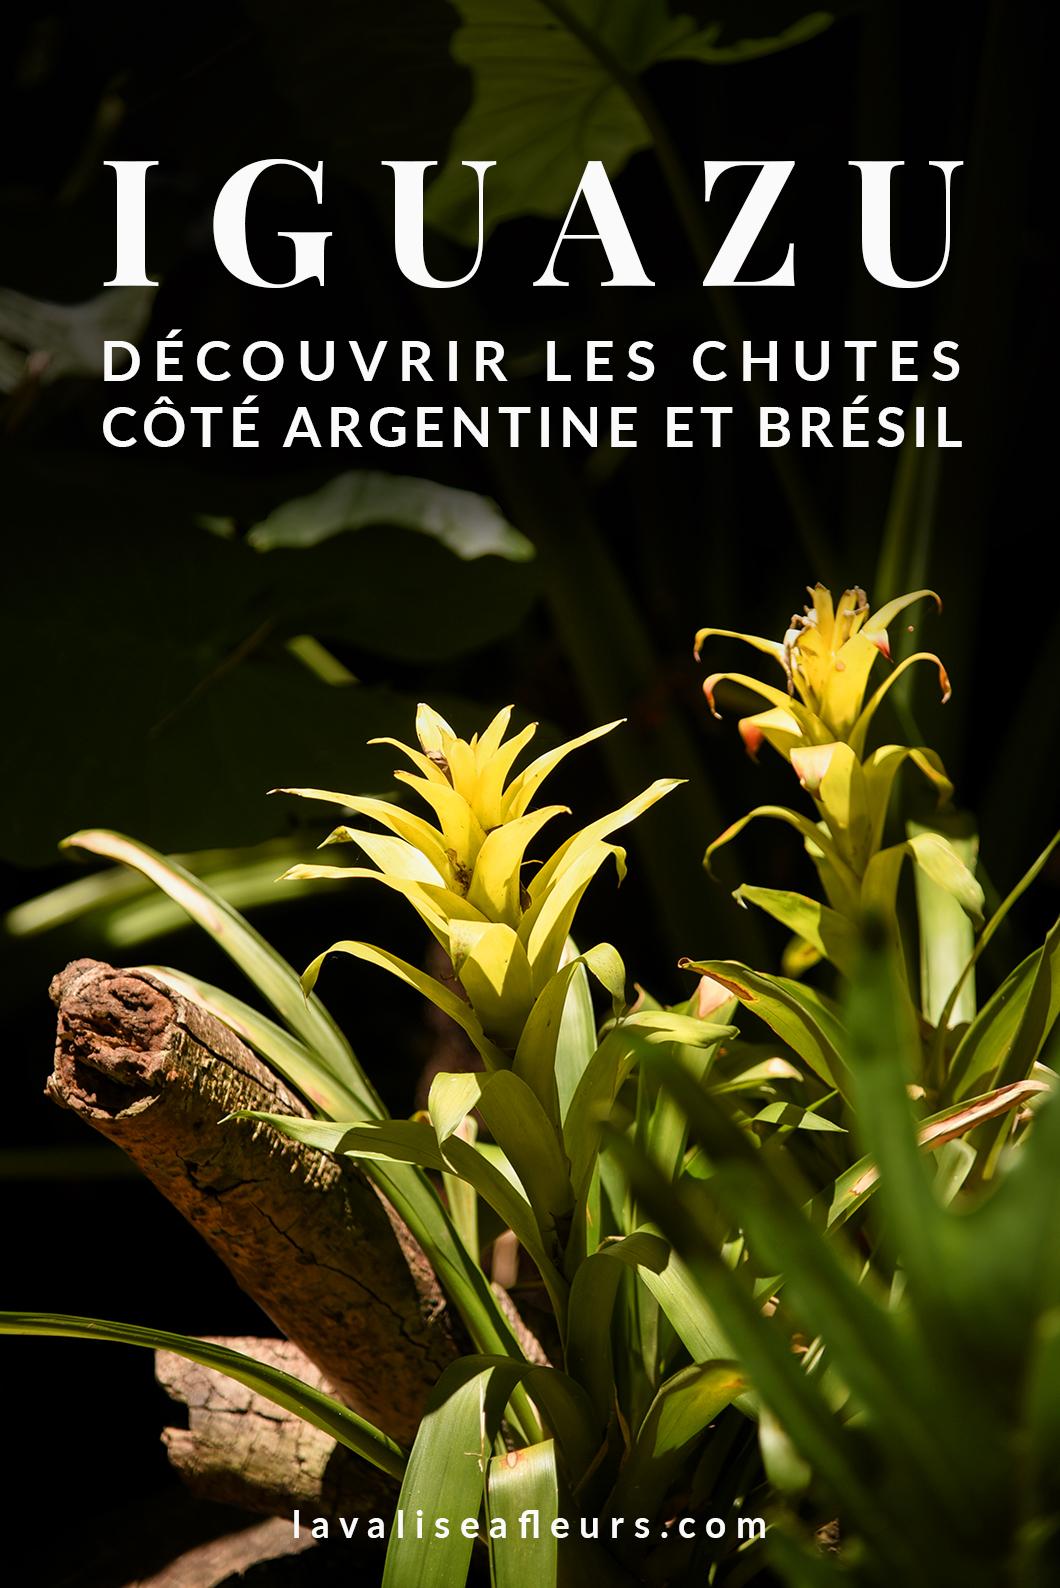 Découvrir les chutes d'iguazu côté argentine et brésil